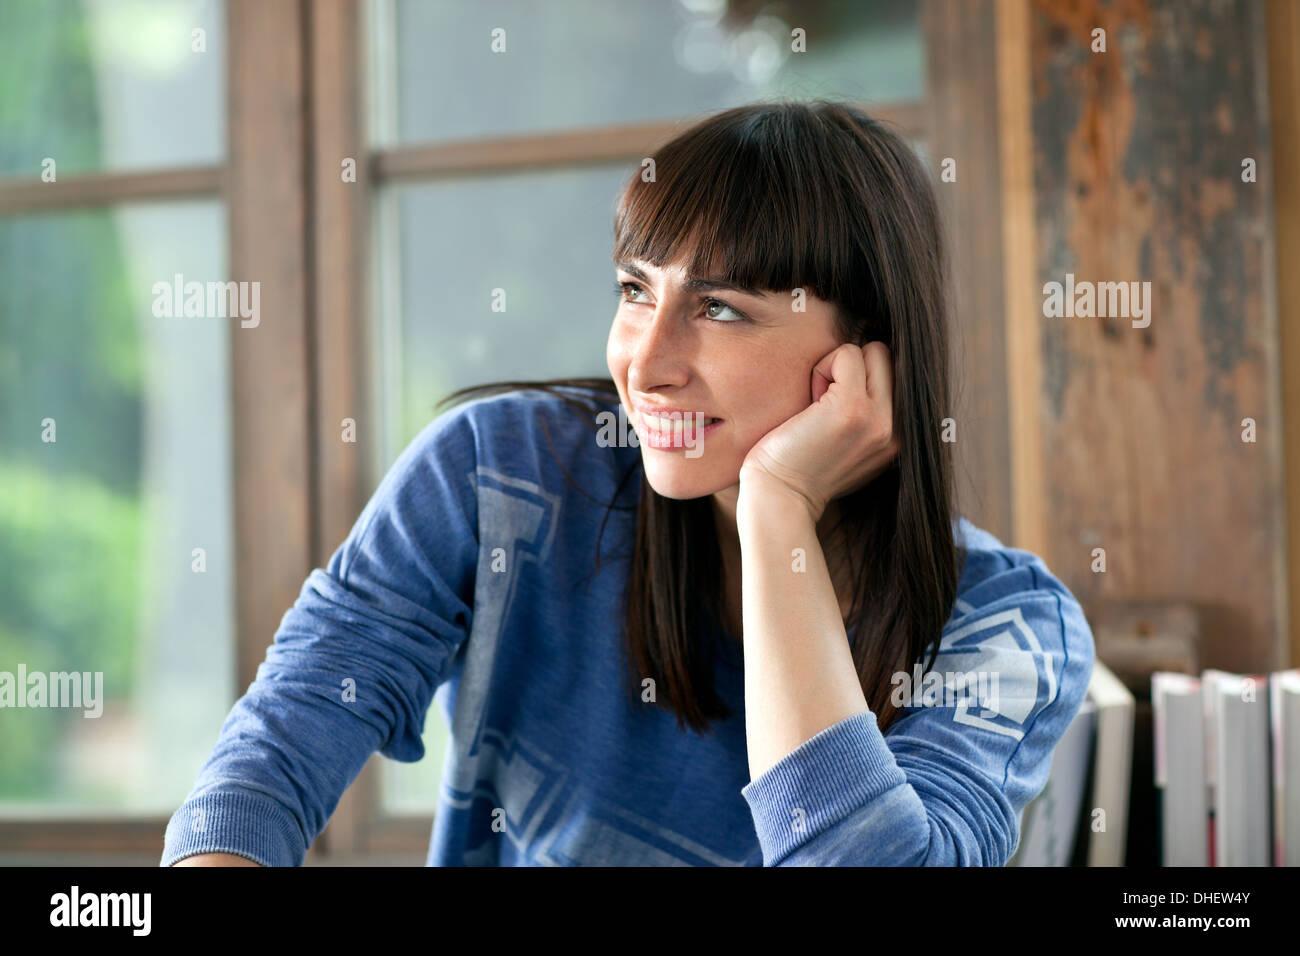 Porträt von Brünette Frau lächelnd mit Hand am Kinn Stockbild